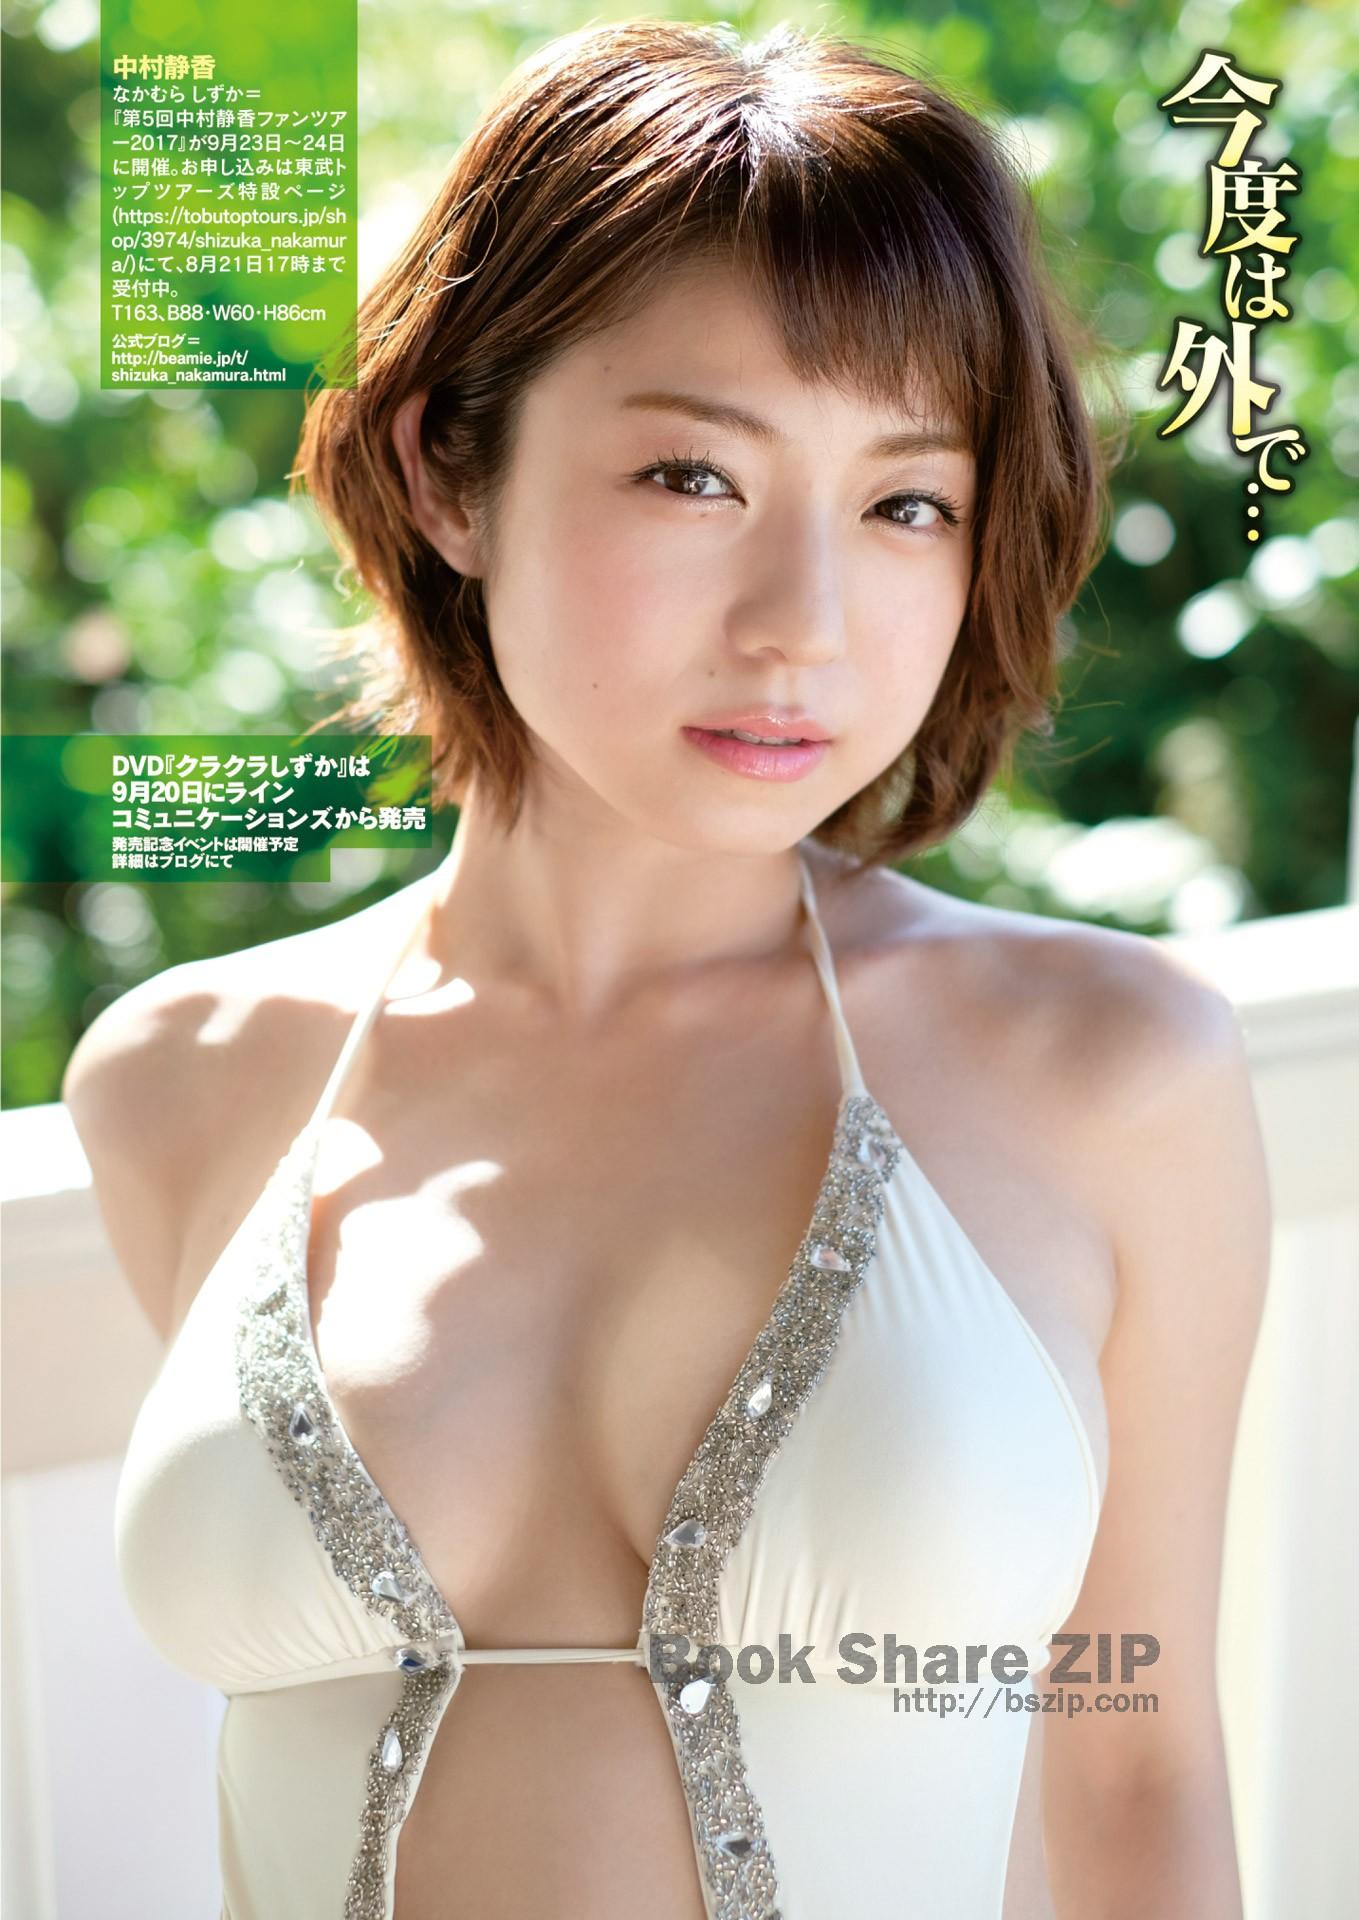 [Shukan Jitsuwa 週刊実話] 2017.08.24-31 - Girlsdelta